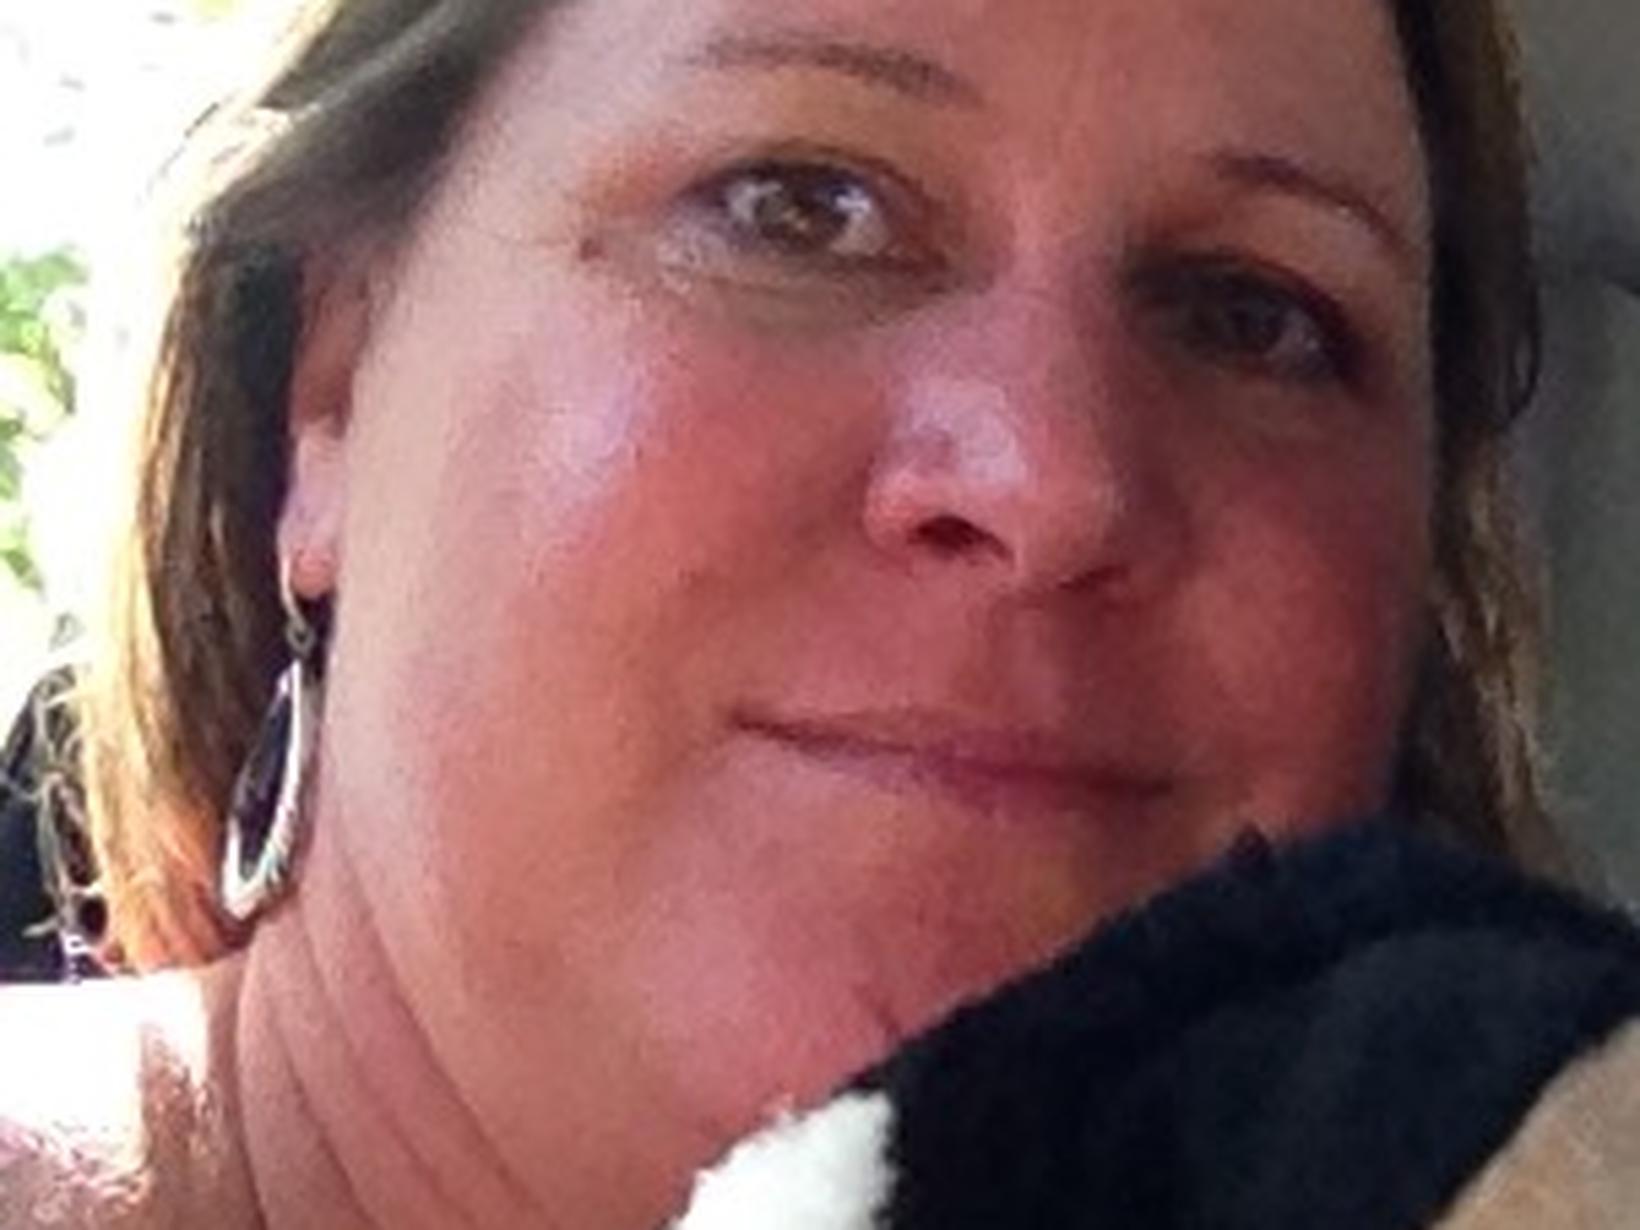 Michelle from Palo Alto, California, United States